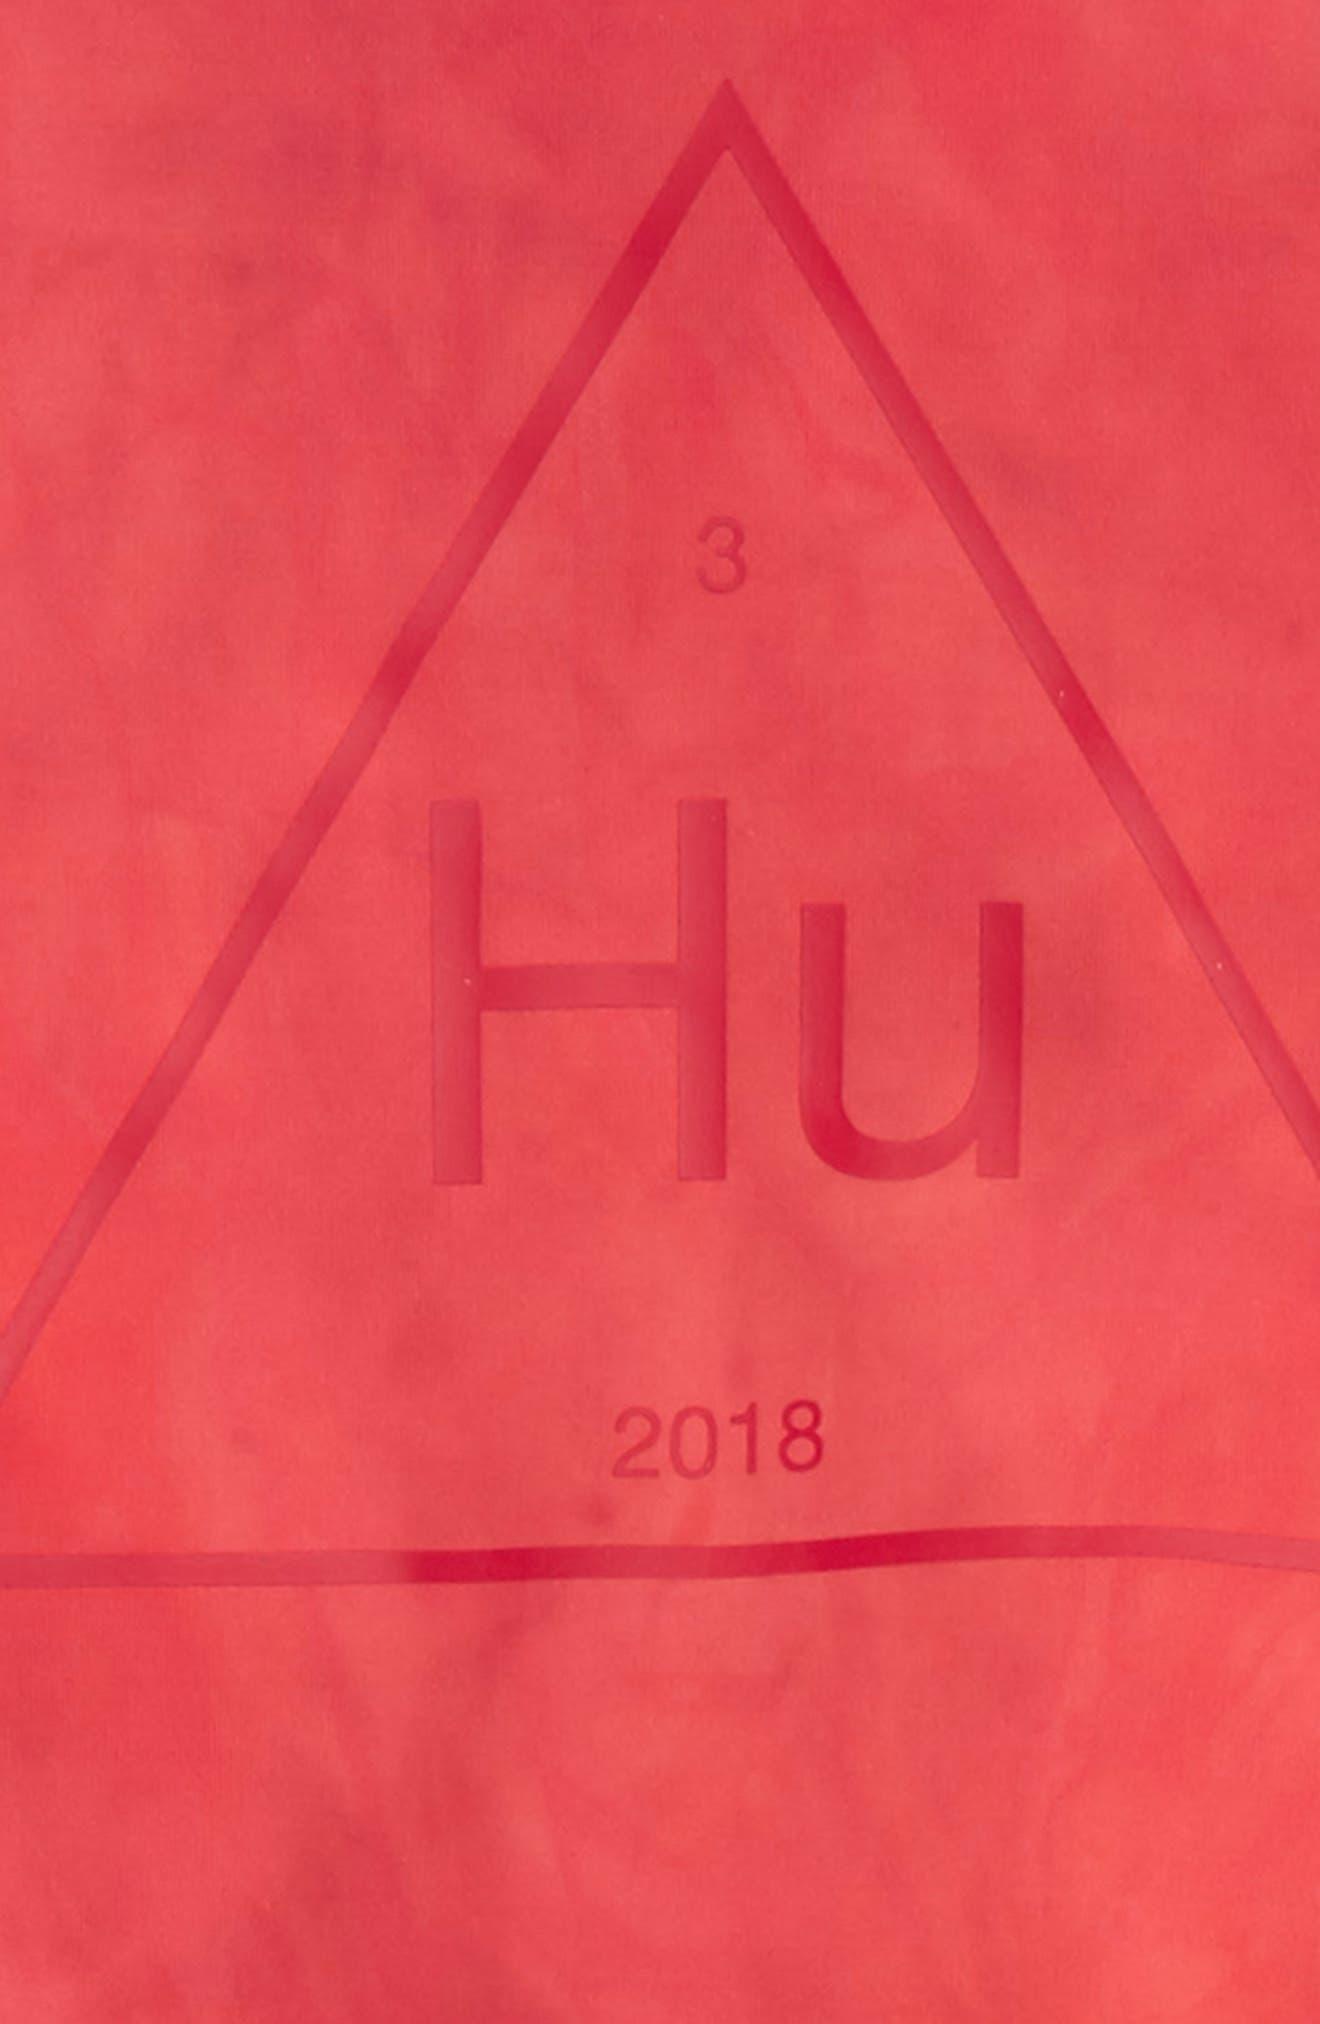 Hu Holi Tracksuit,                             Alternate thumbnail 3, color,                             Scarlet / White